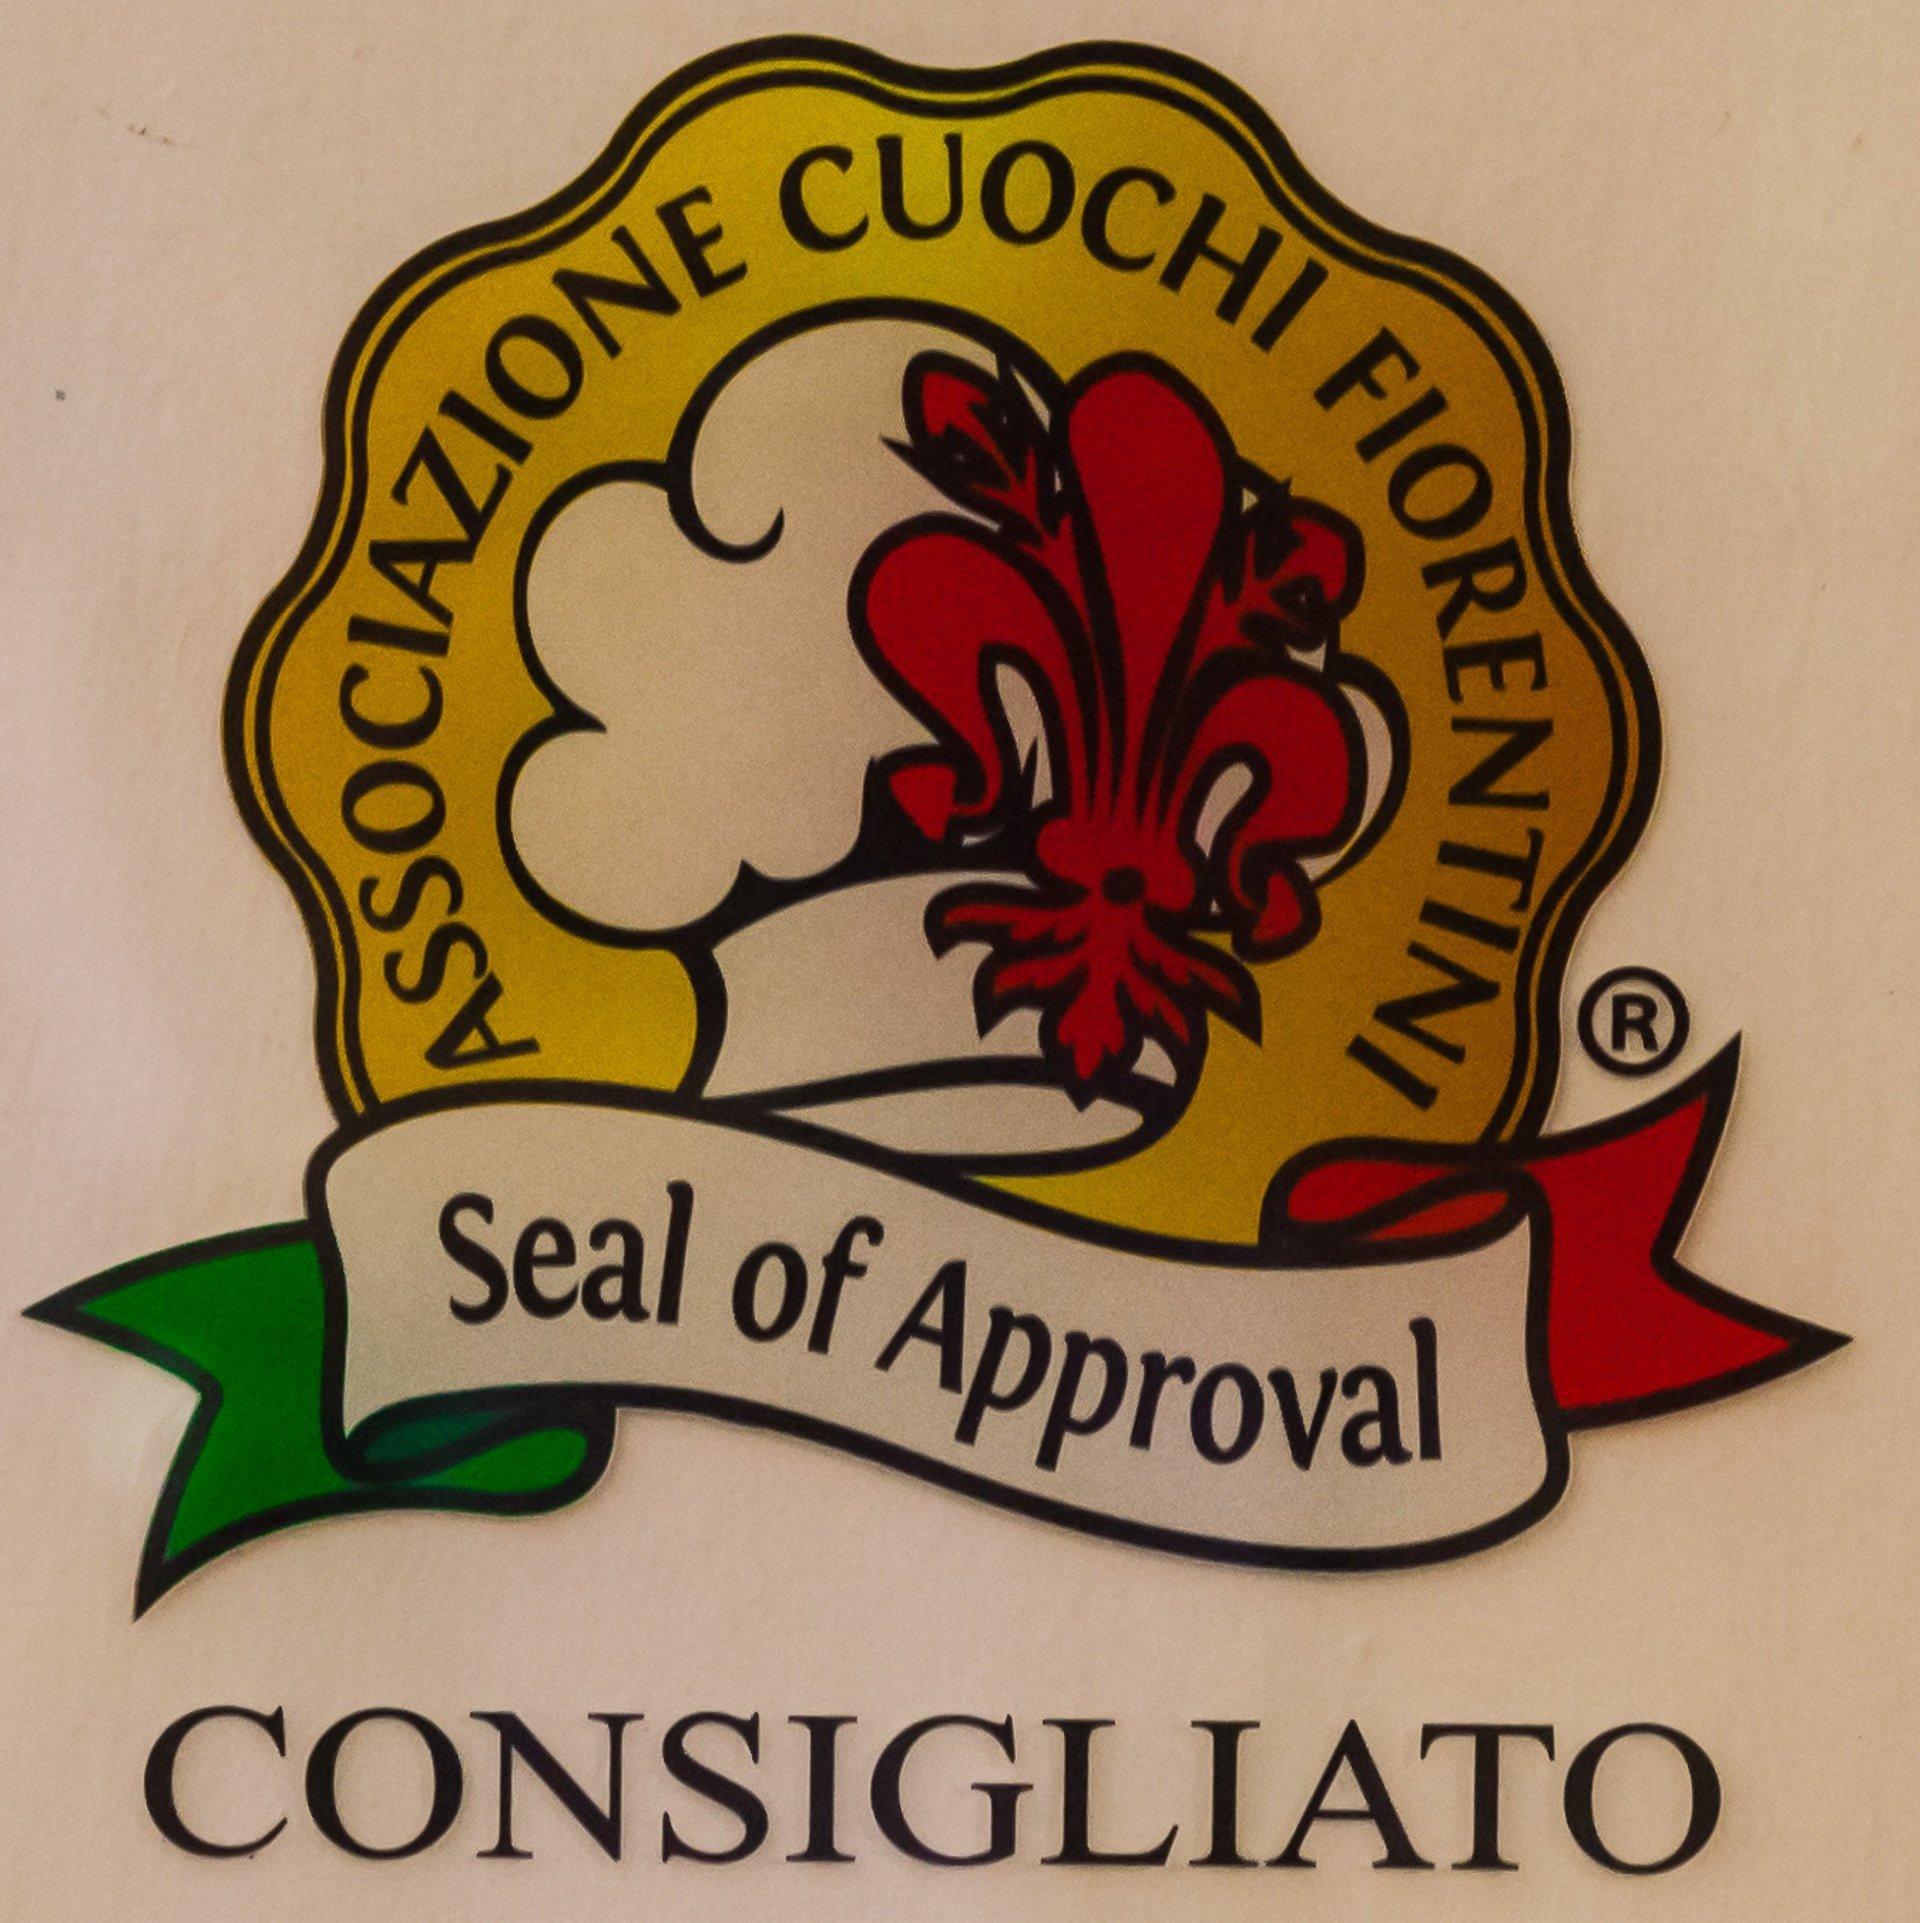 logo cuochi fiorentini